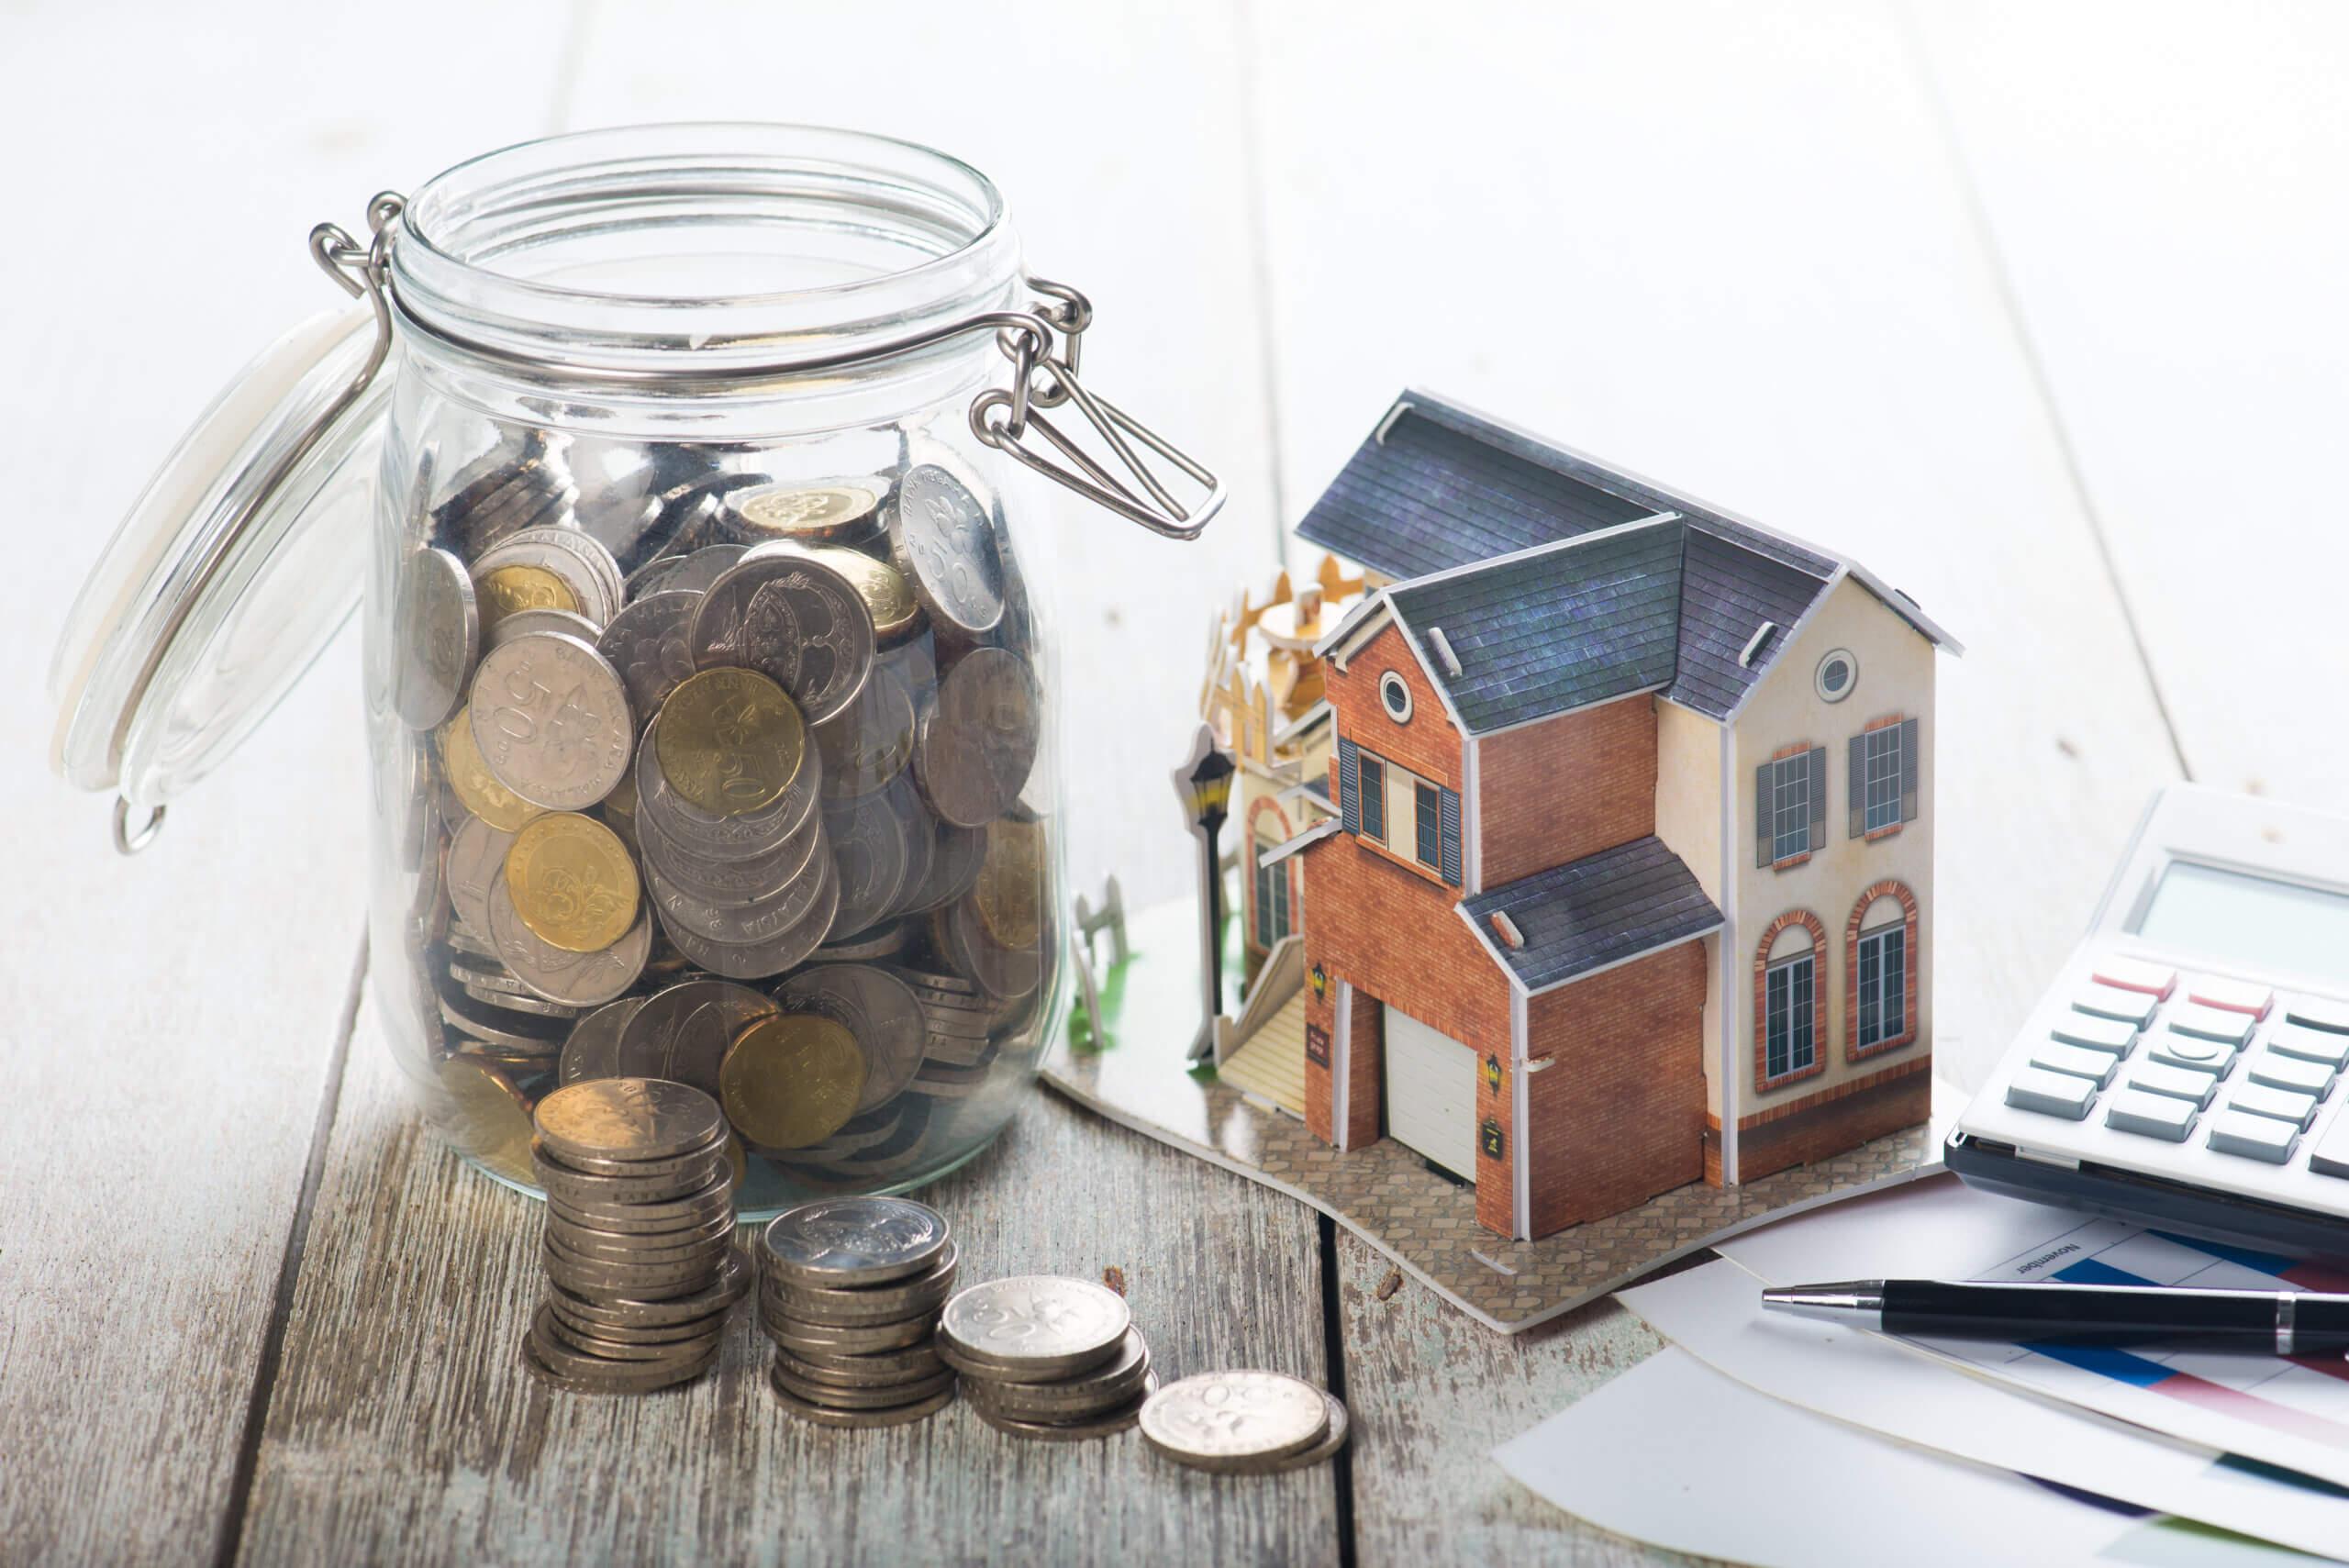 Mi lesz a lakáspiacon? Merre mennek az árak?